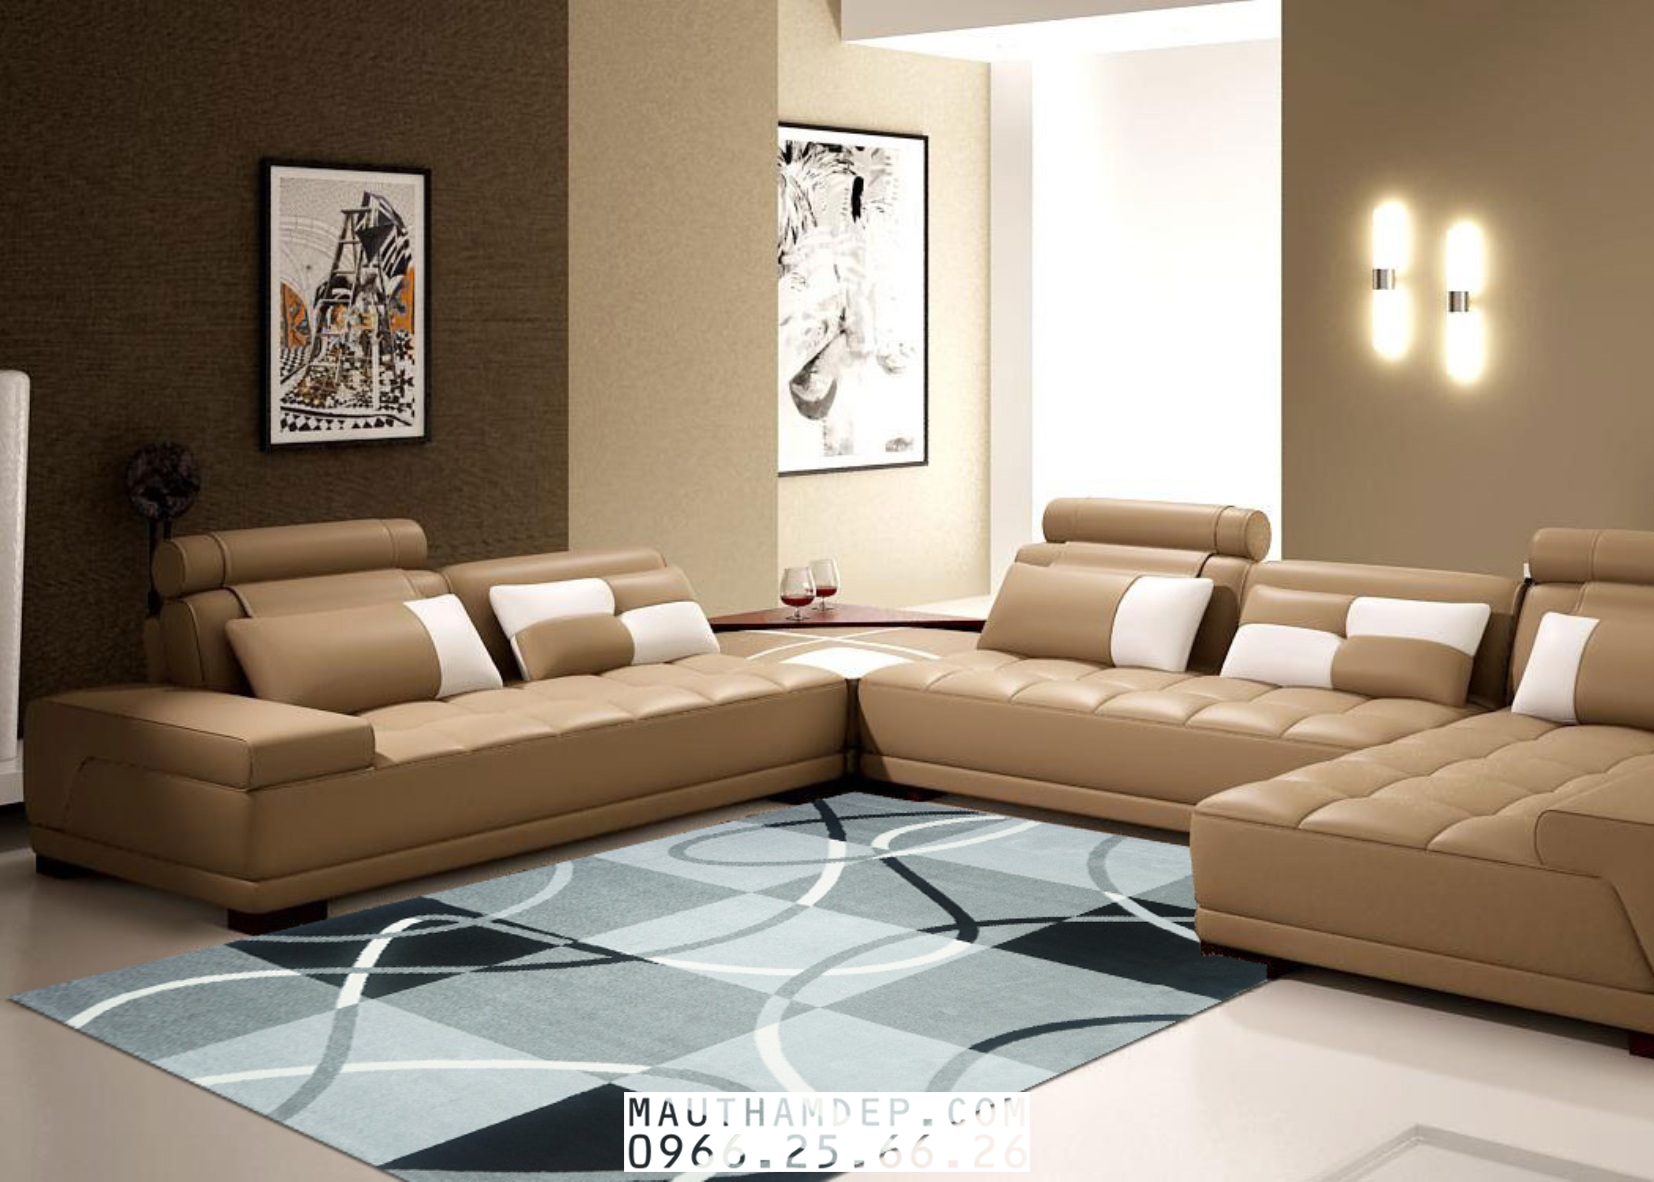 Mẫu Thảm Sofa 3 món ĐẸP - Hãy gọi cho chúng tôi để được tư vấn, lựa chọn Thảm Sofa